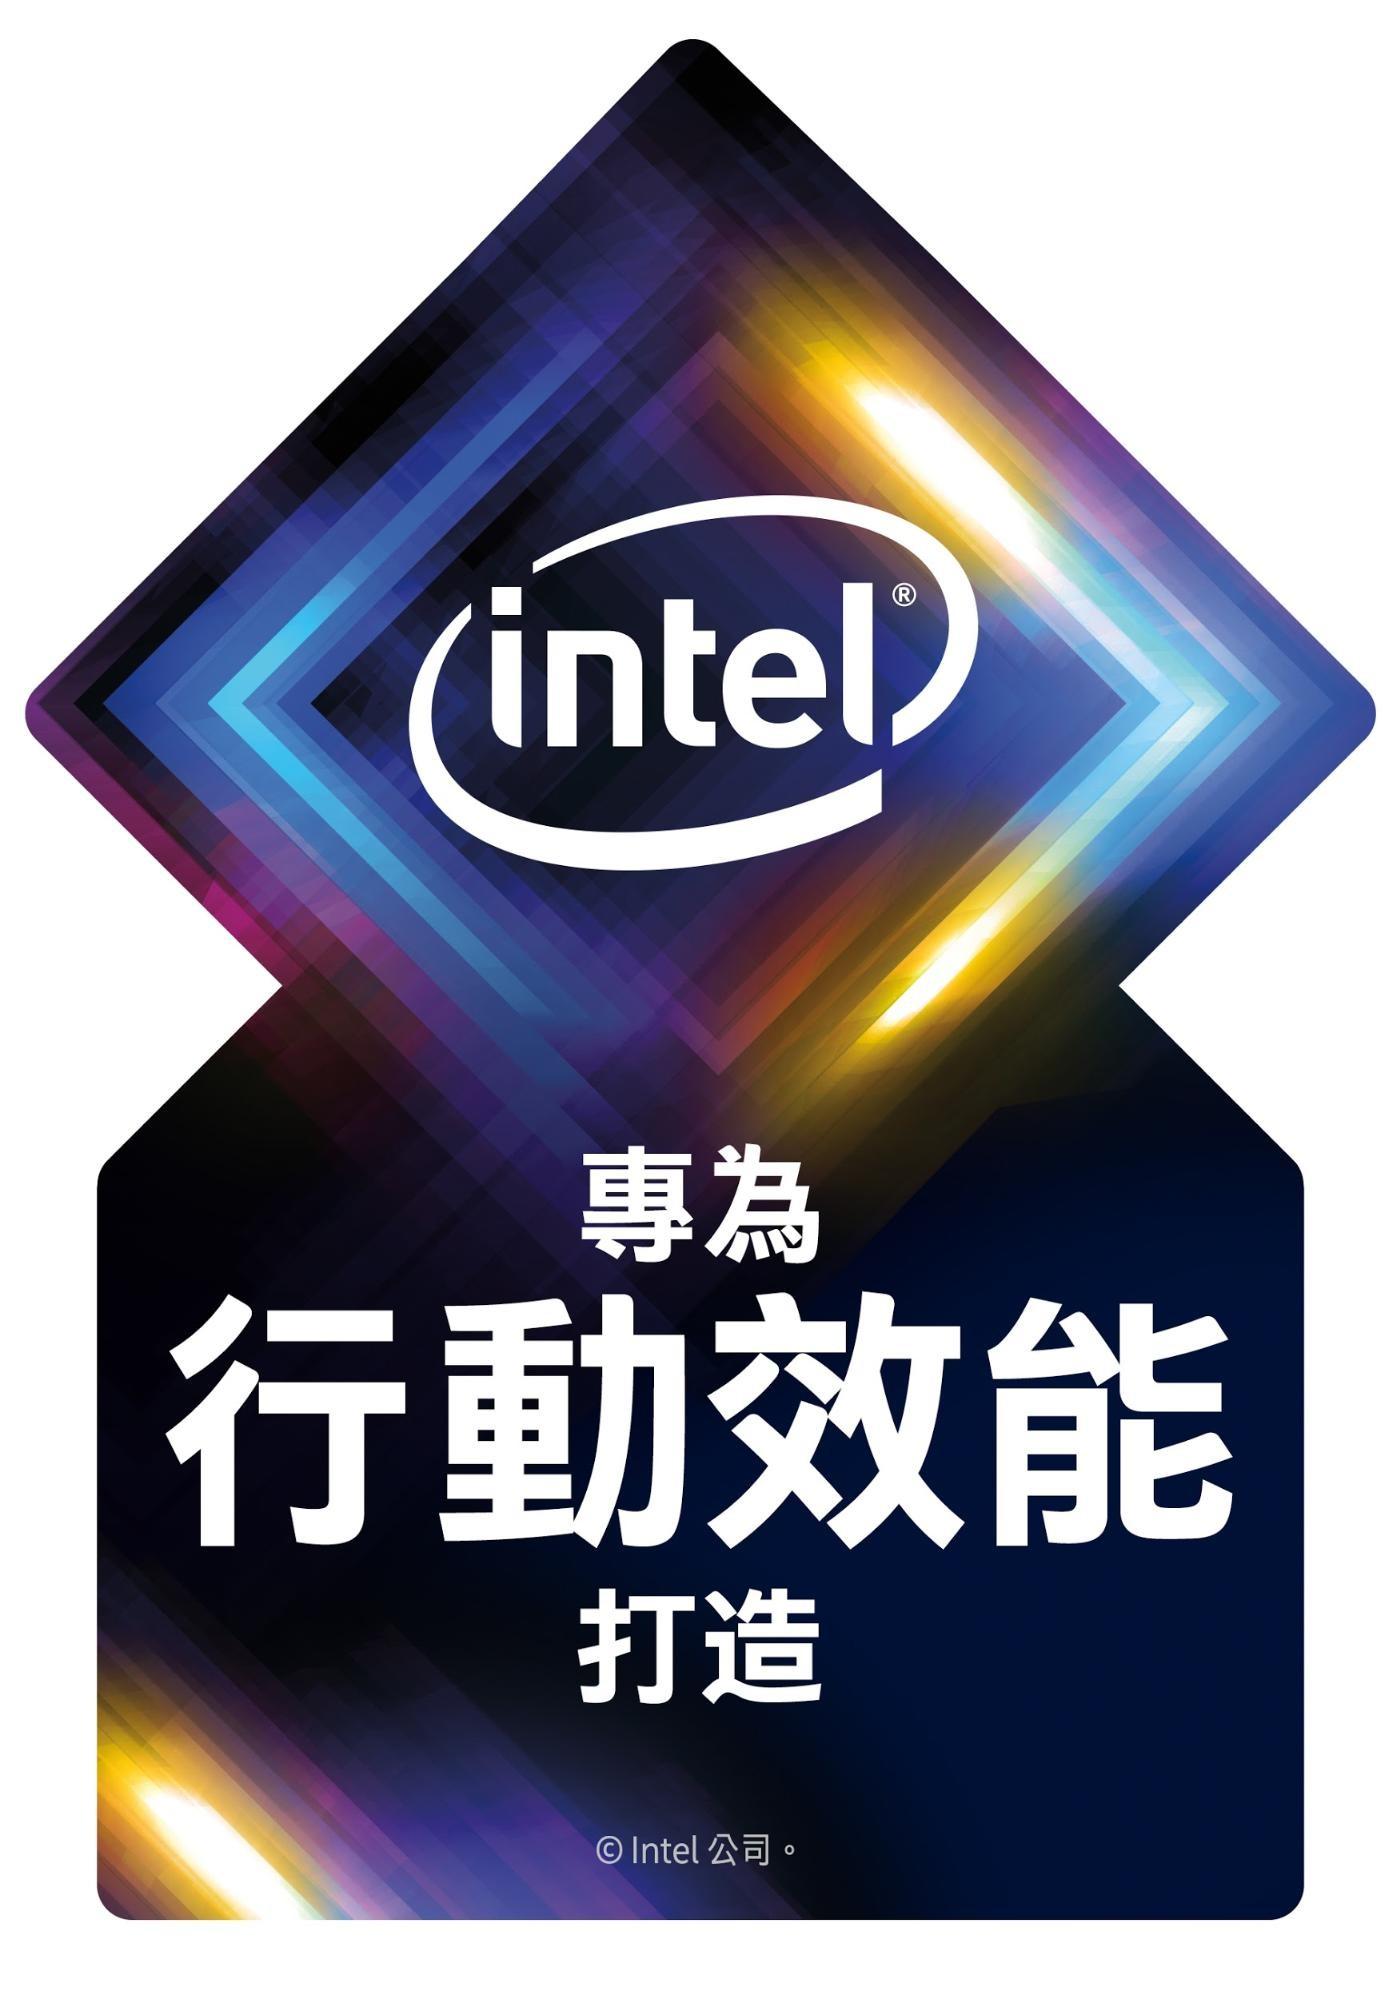 Intel,第10代,處理器,CPU,第10代Intel Core處理器,行動